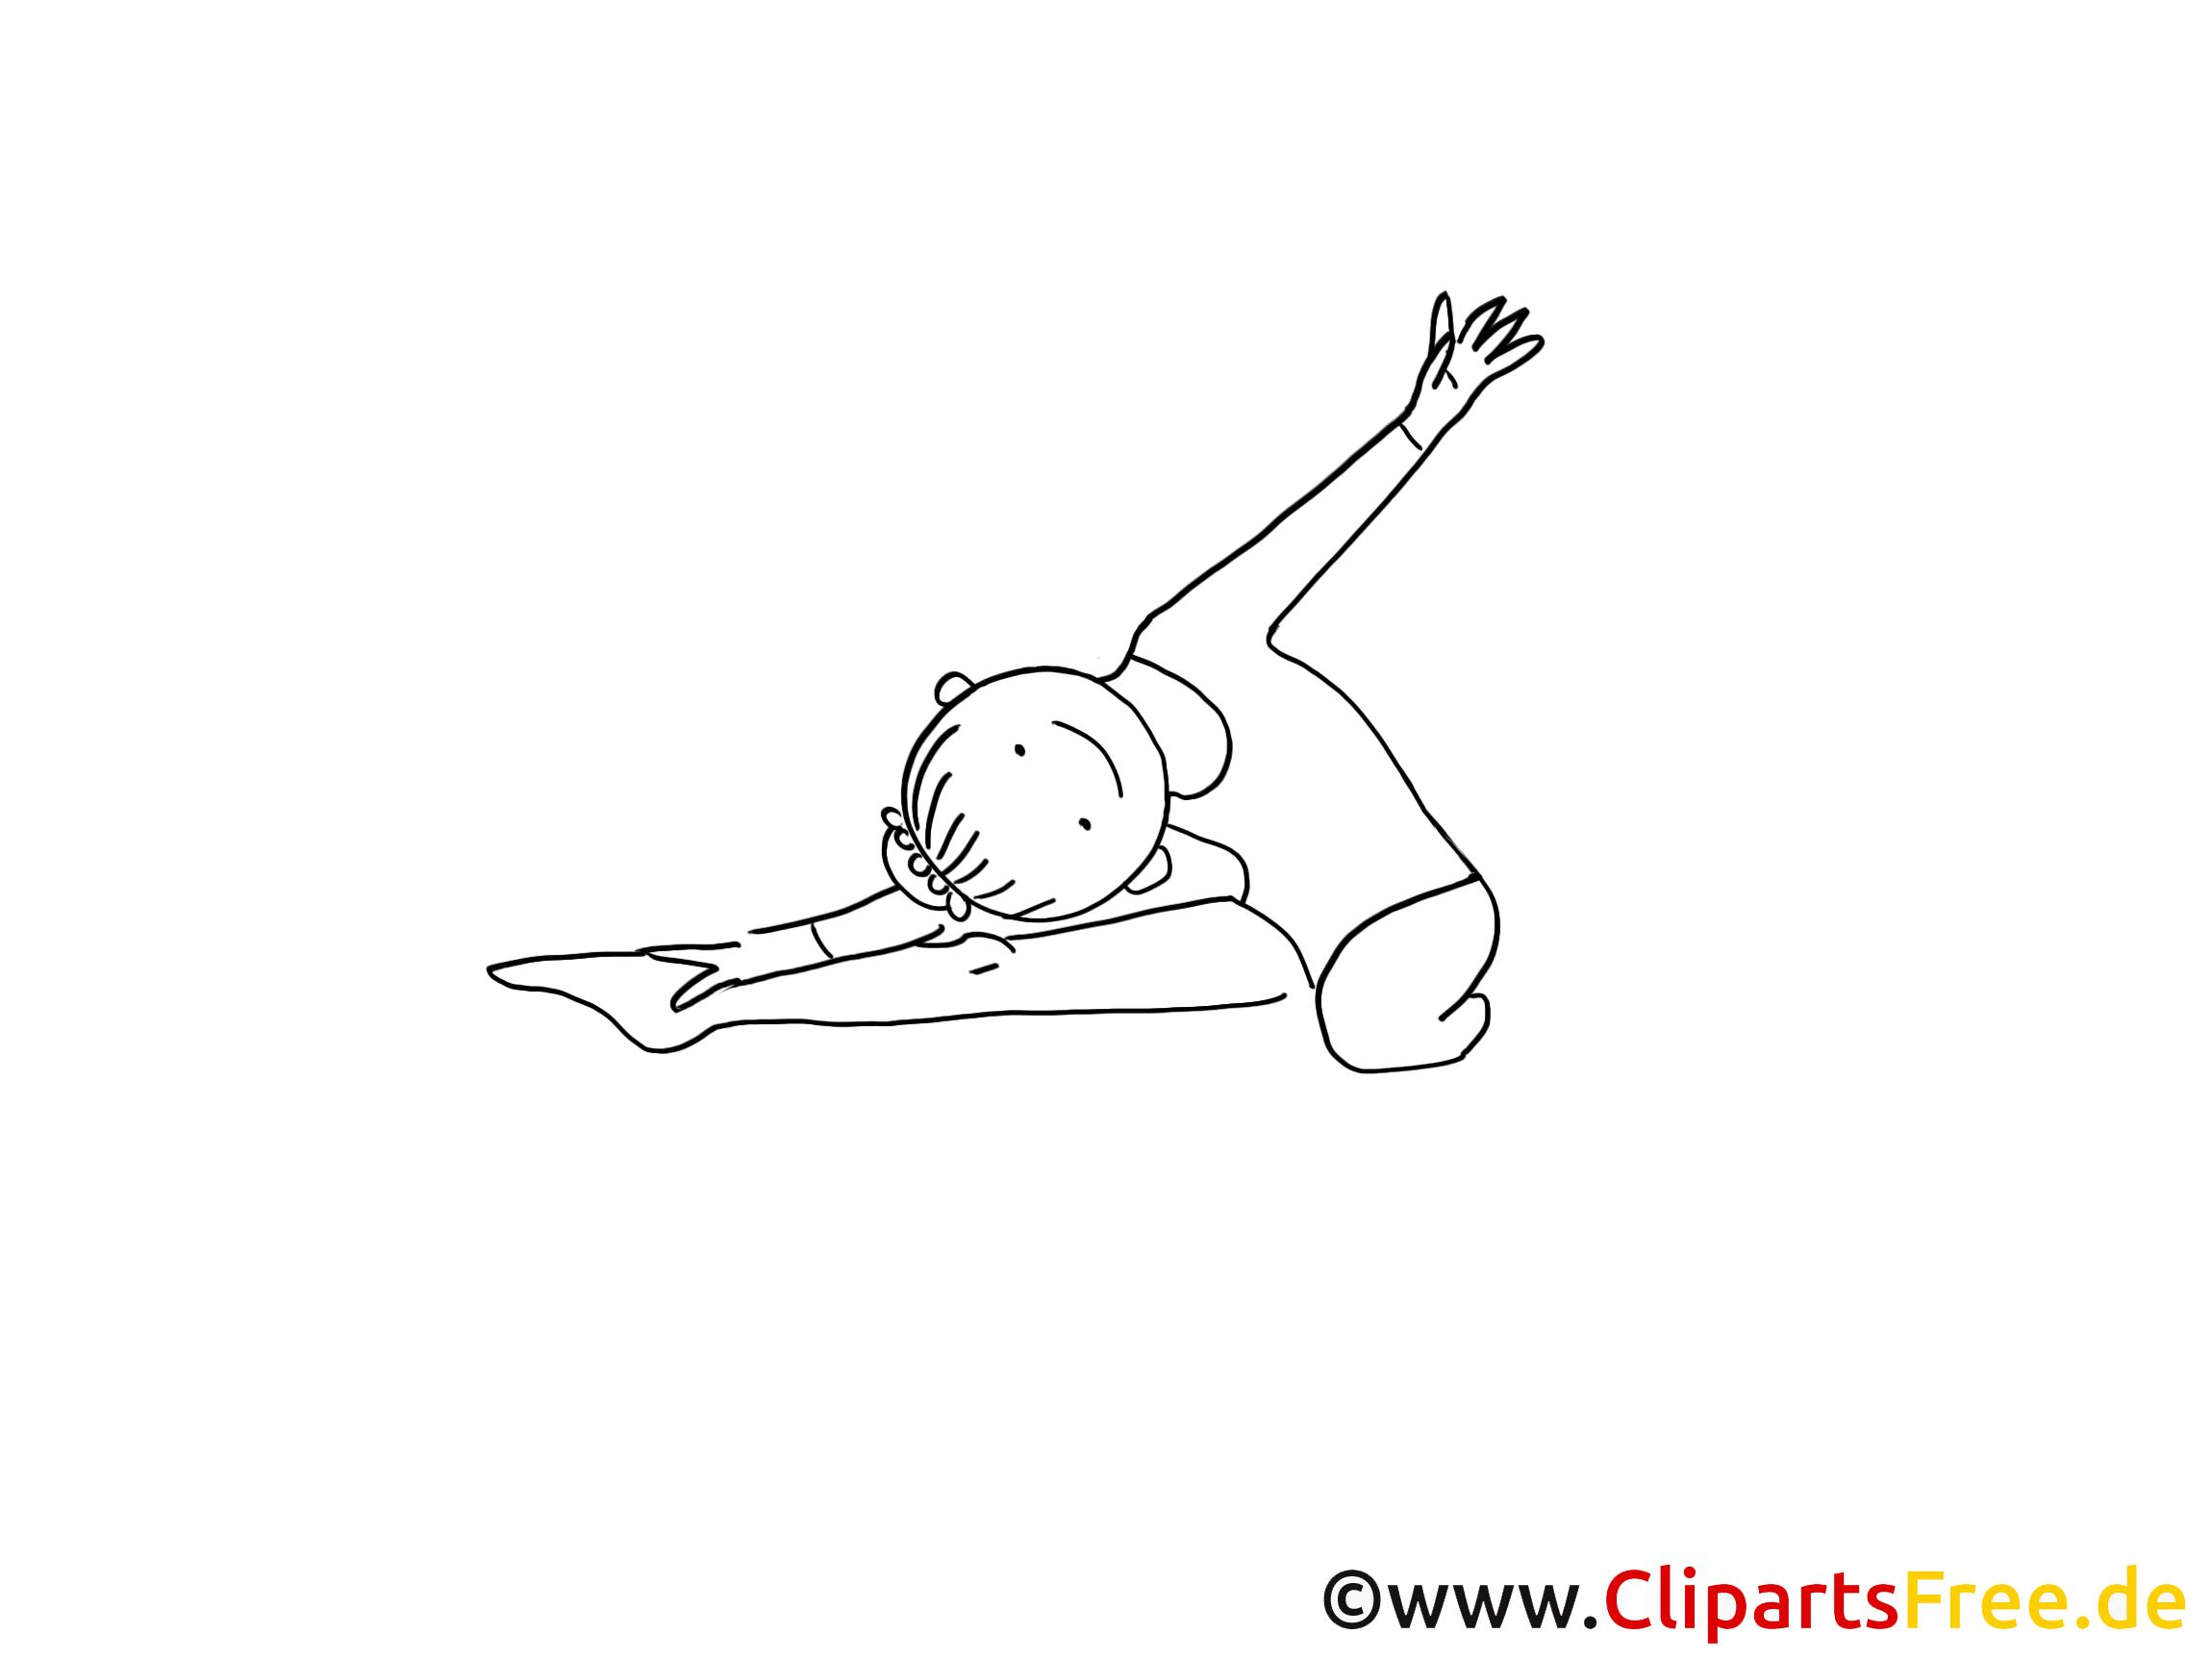 Gymnastik Zeichnung schwarz-weiss, Bild, Clipart, Comic, Cartoon zum Ausmalen